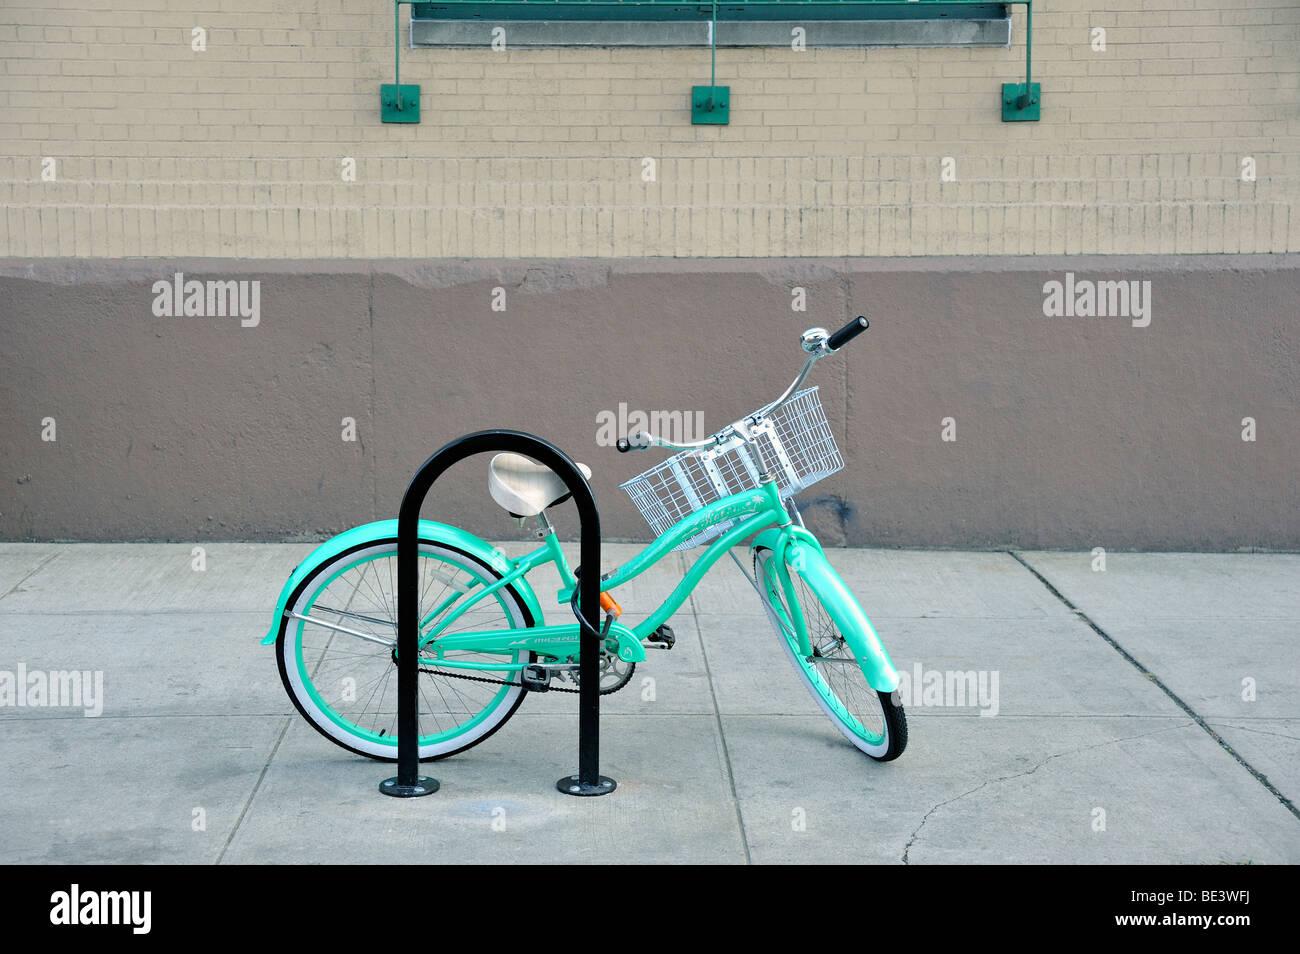 Una mujer verde turquesa Playa de bastidor abierto estilo Cruiser bicicleta con una cesta en el manillar, fijada Imagen De Stock